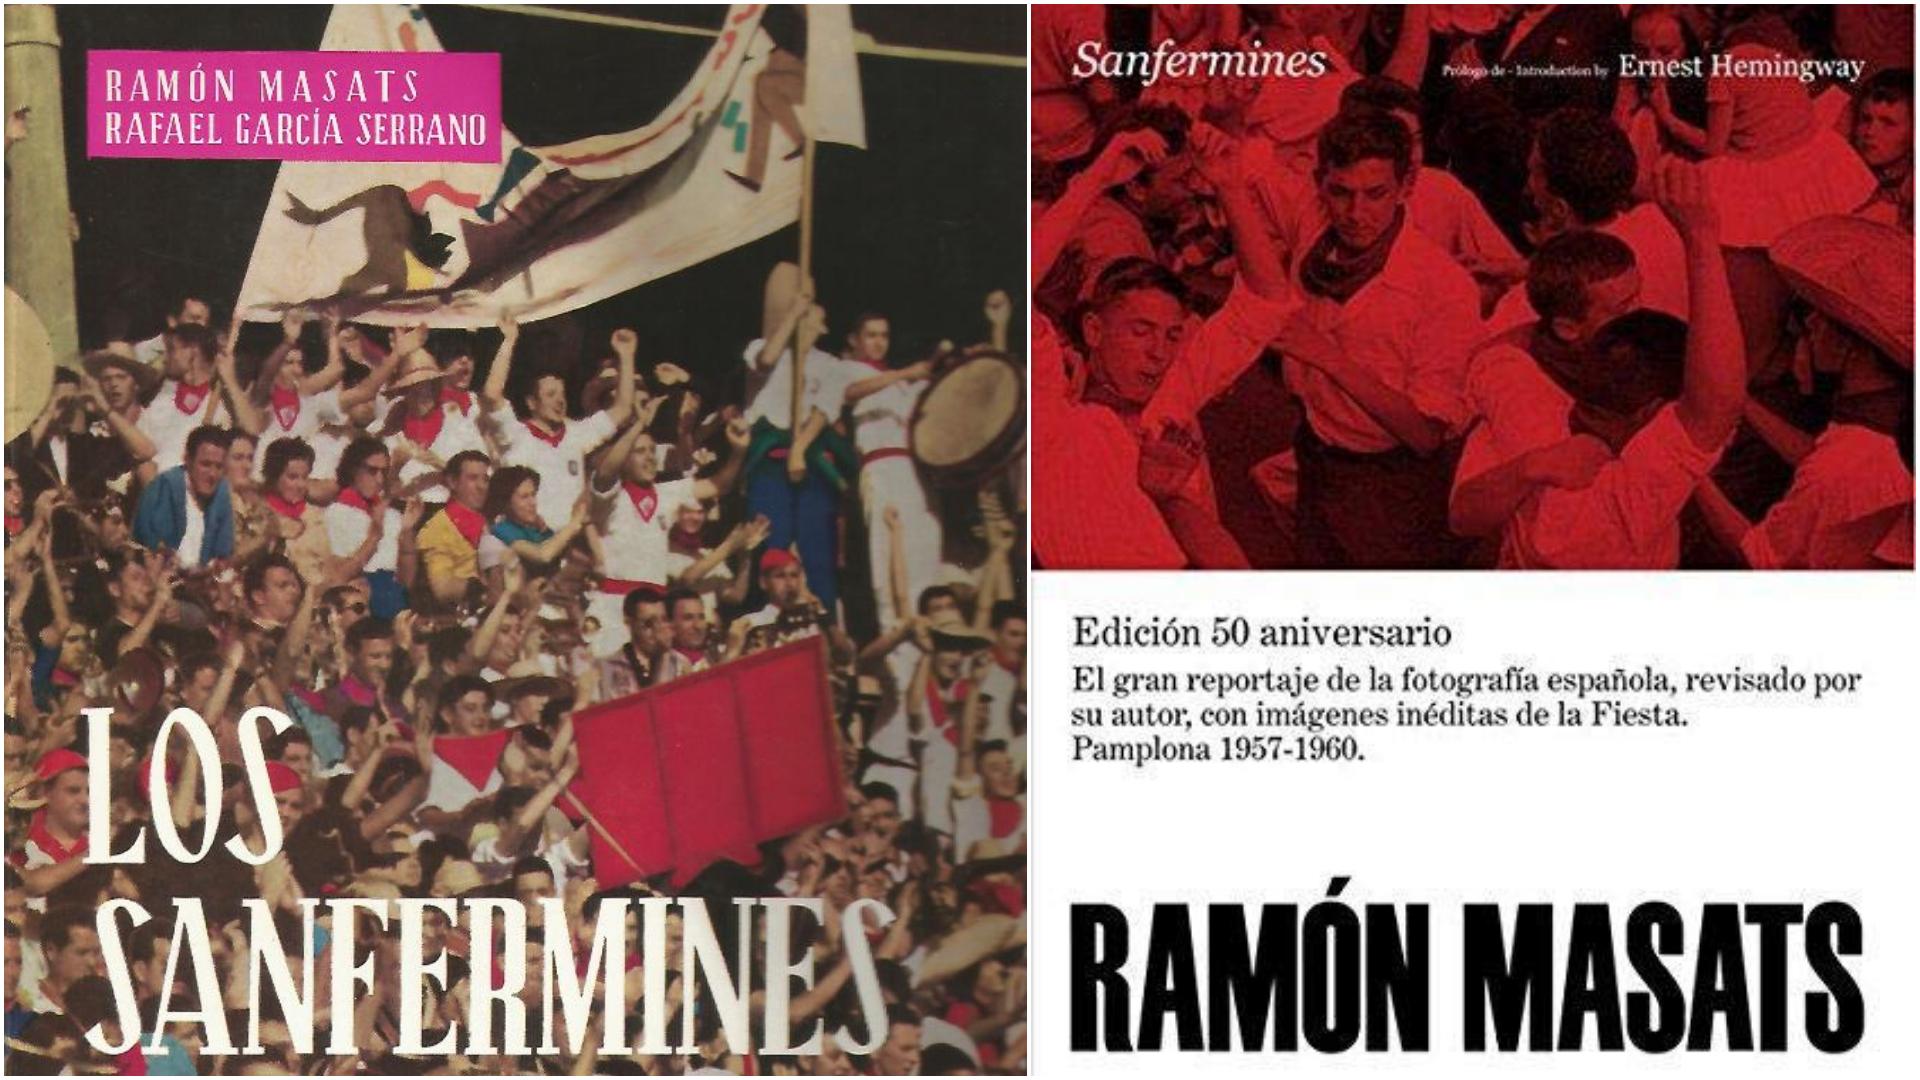 Las dos ediciones de los libros de Ramón Masats sobre los Sanfermines con imágenes de los años 60.